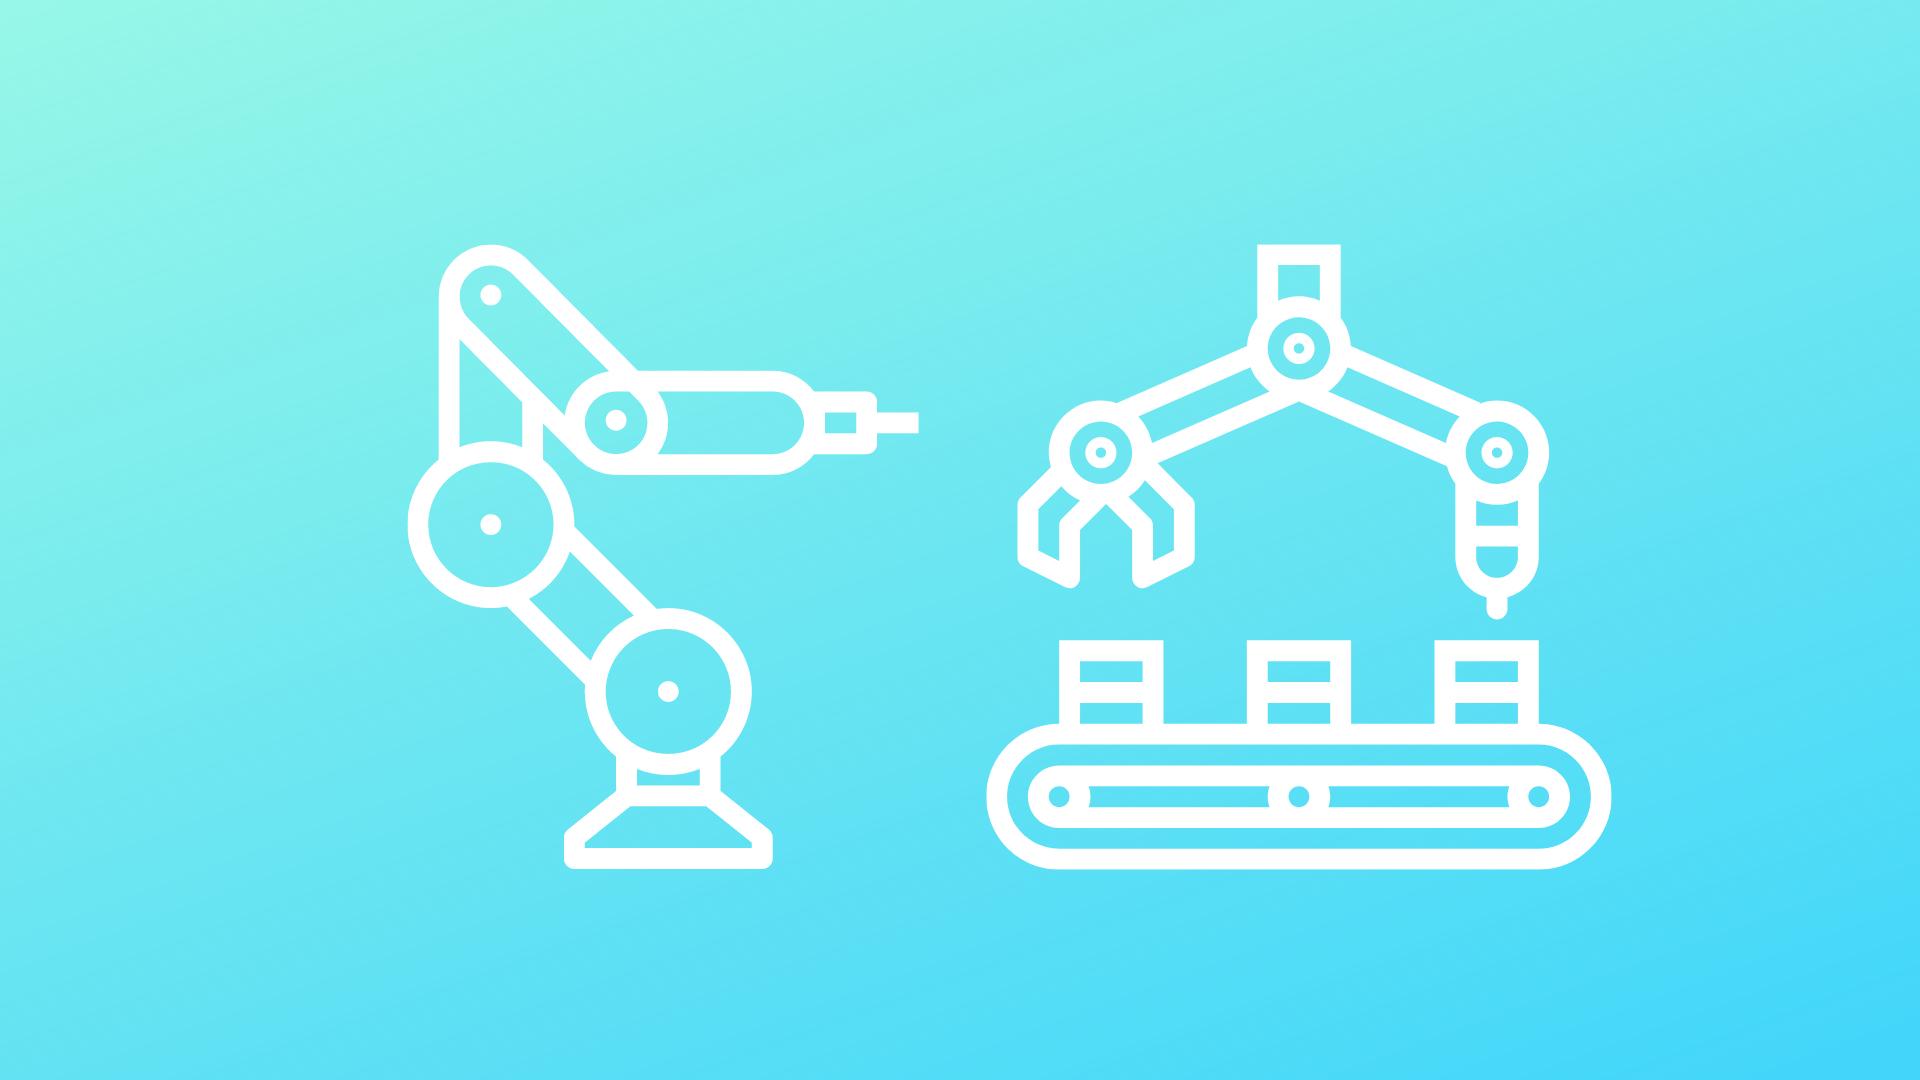 Exkurs: Der Cobot für eine sichere Zusammenarbeit techboys.de • smarte News, auf den Punkt!